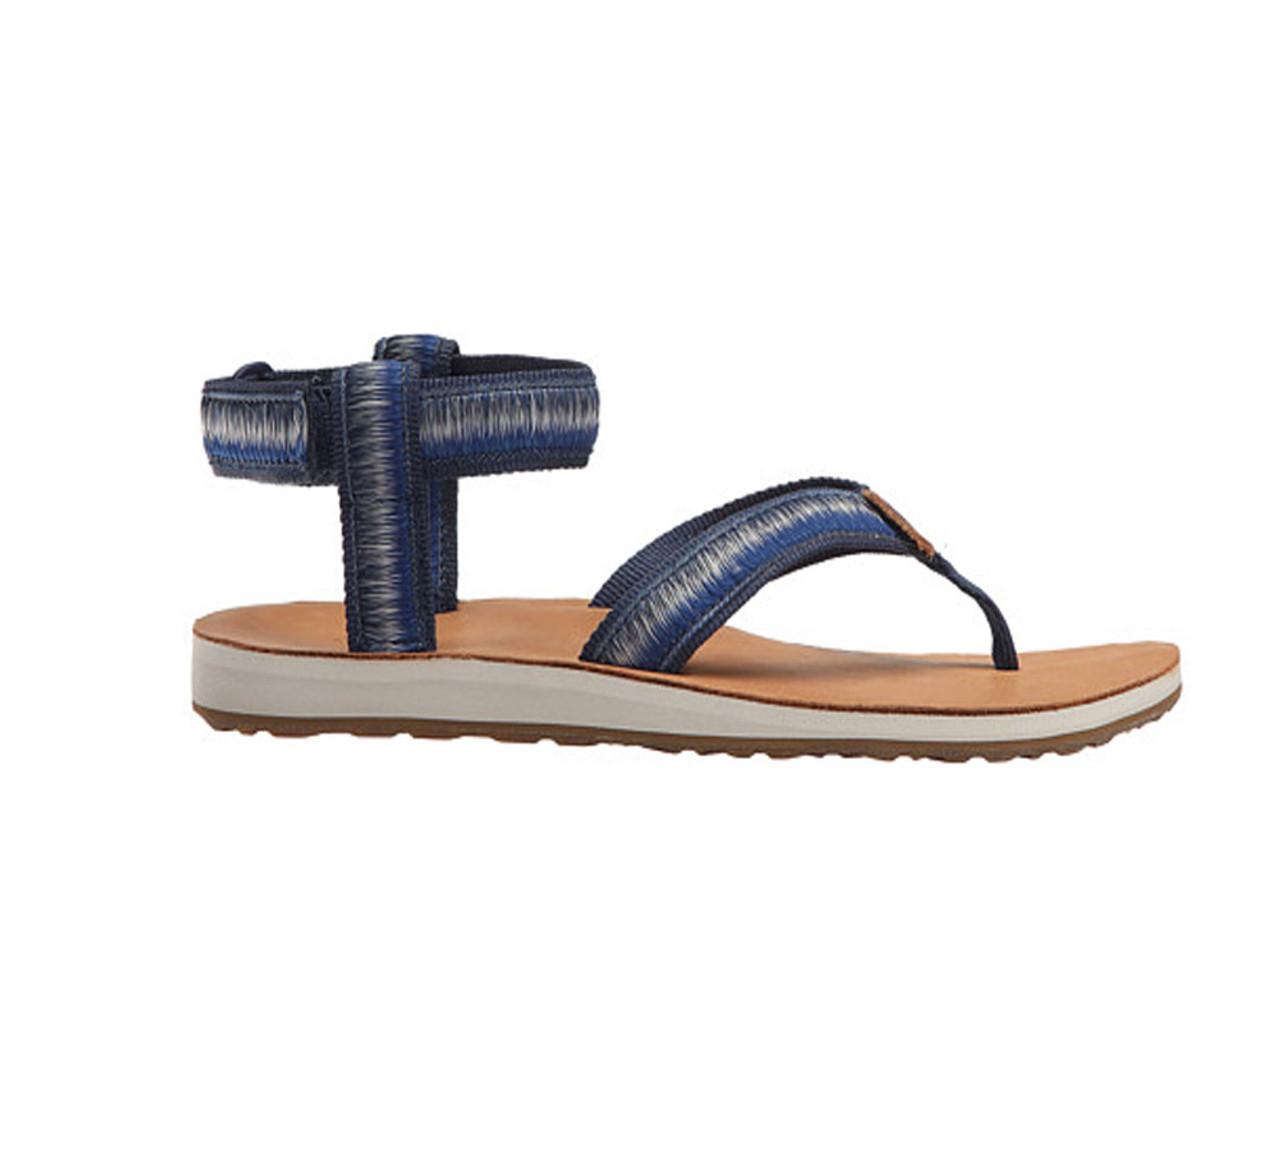 a970ddf5a4566 Teva Women's Original Sandal Ombre True Blue